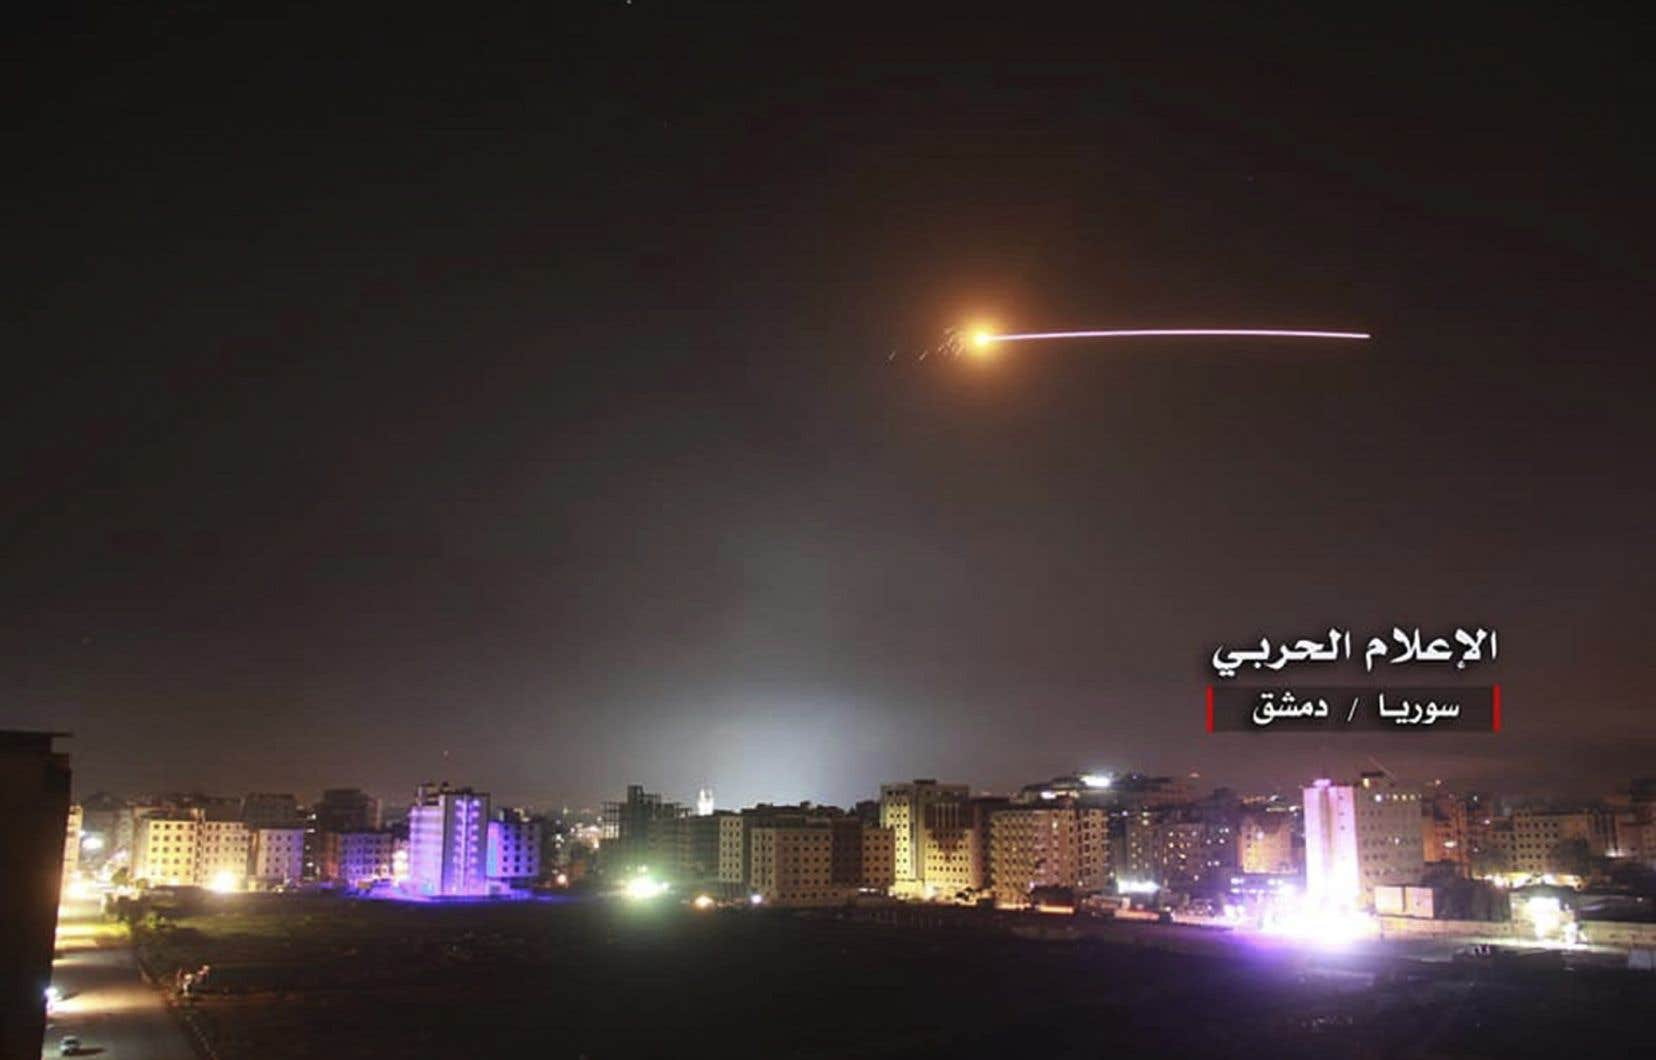 Les frappes israéliennes de la nuit ont tué au moins 23 combattants, dont 18 étrangers, selon l'OSDH.